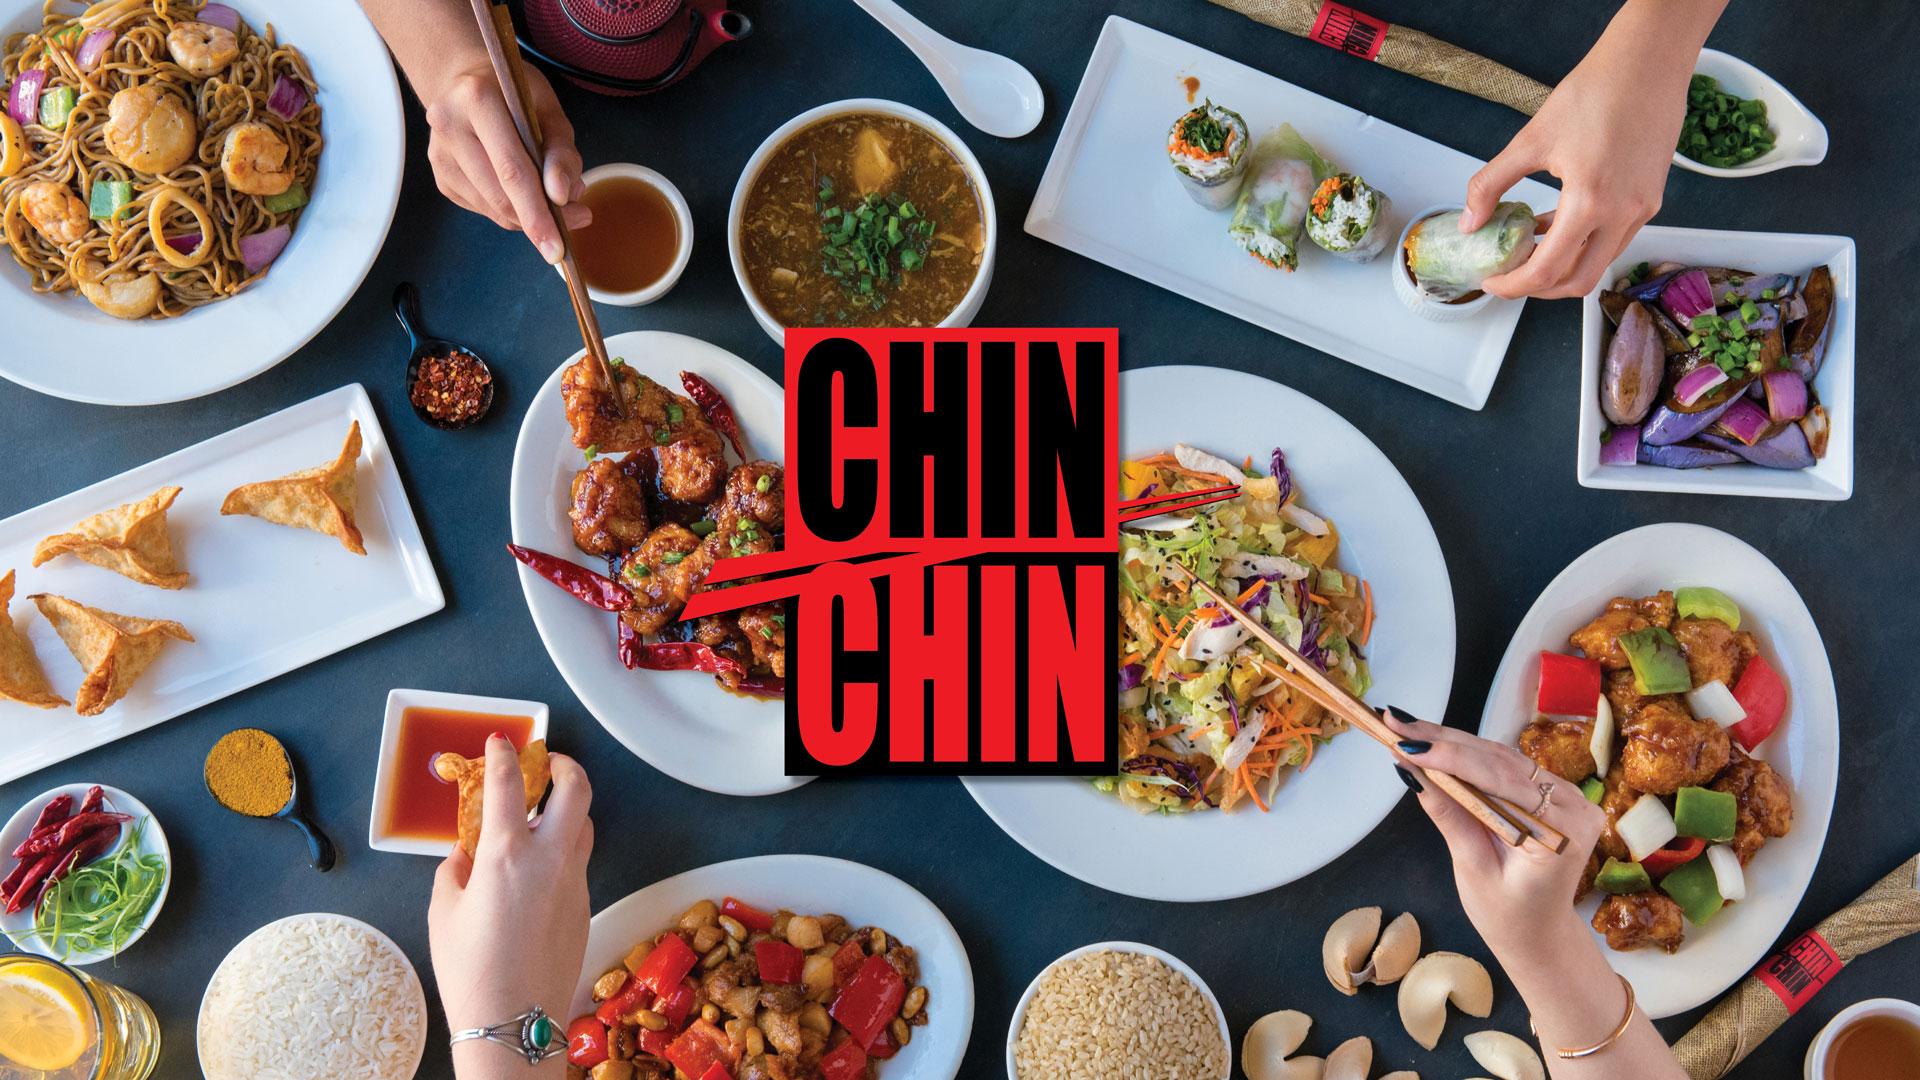 FTM-ChinChin.jpg